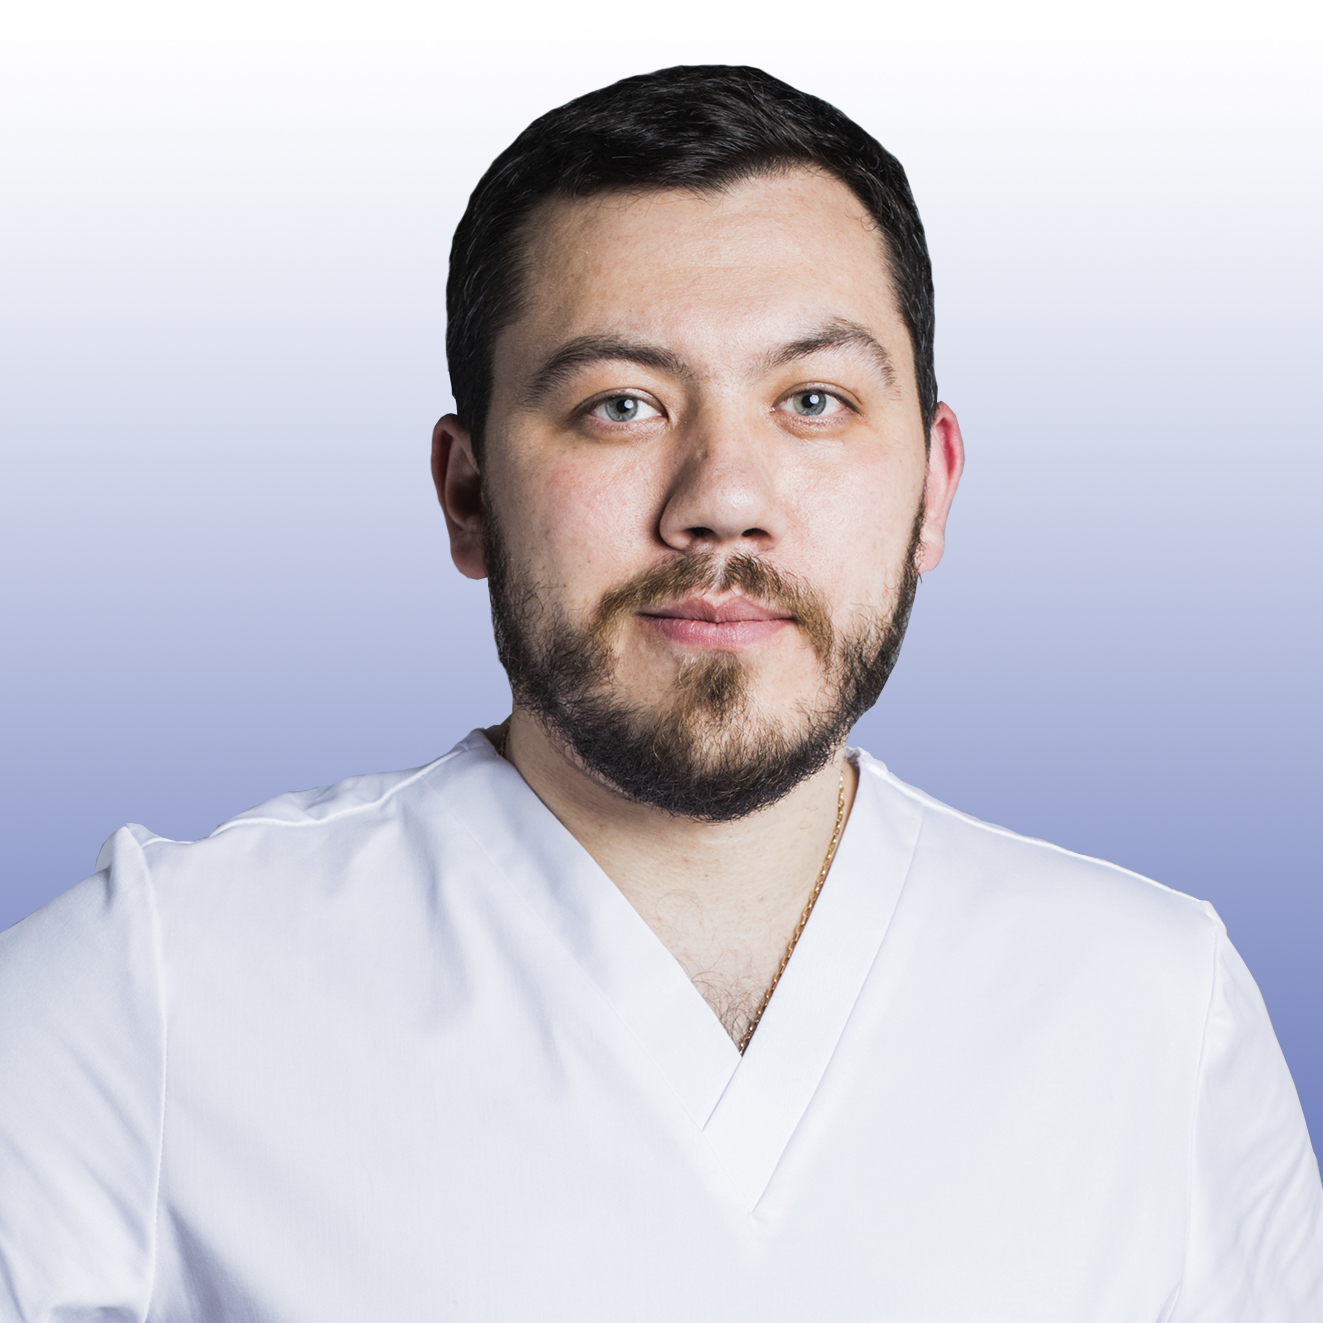 Новомирский Руслан Анатольевич